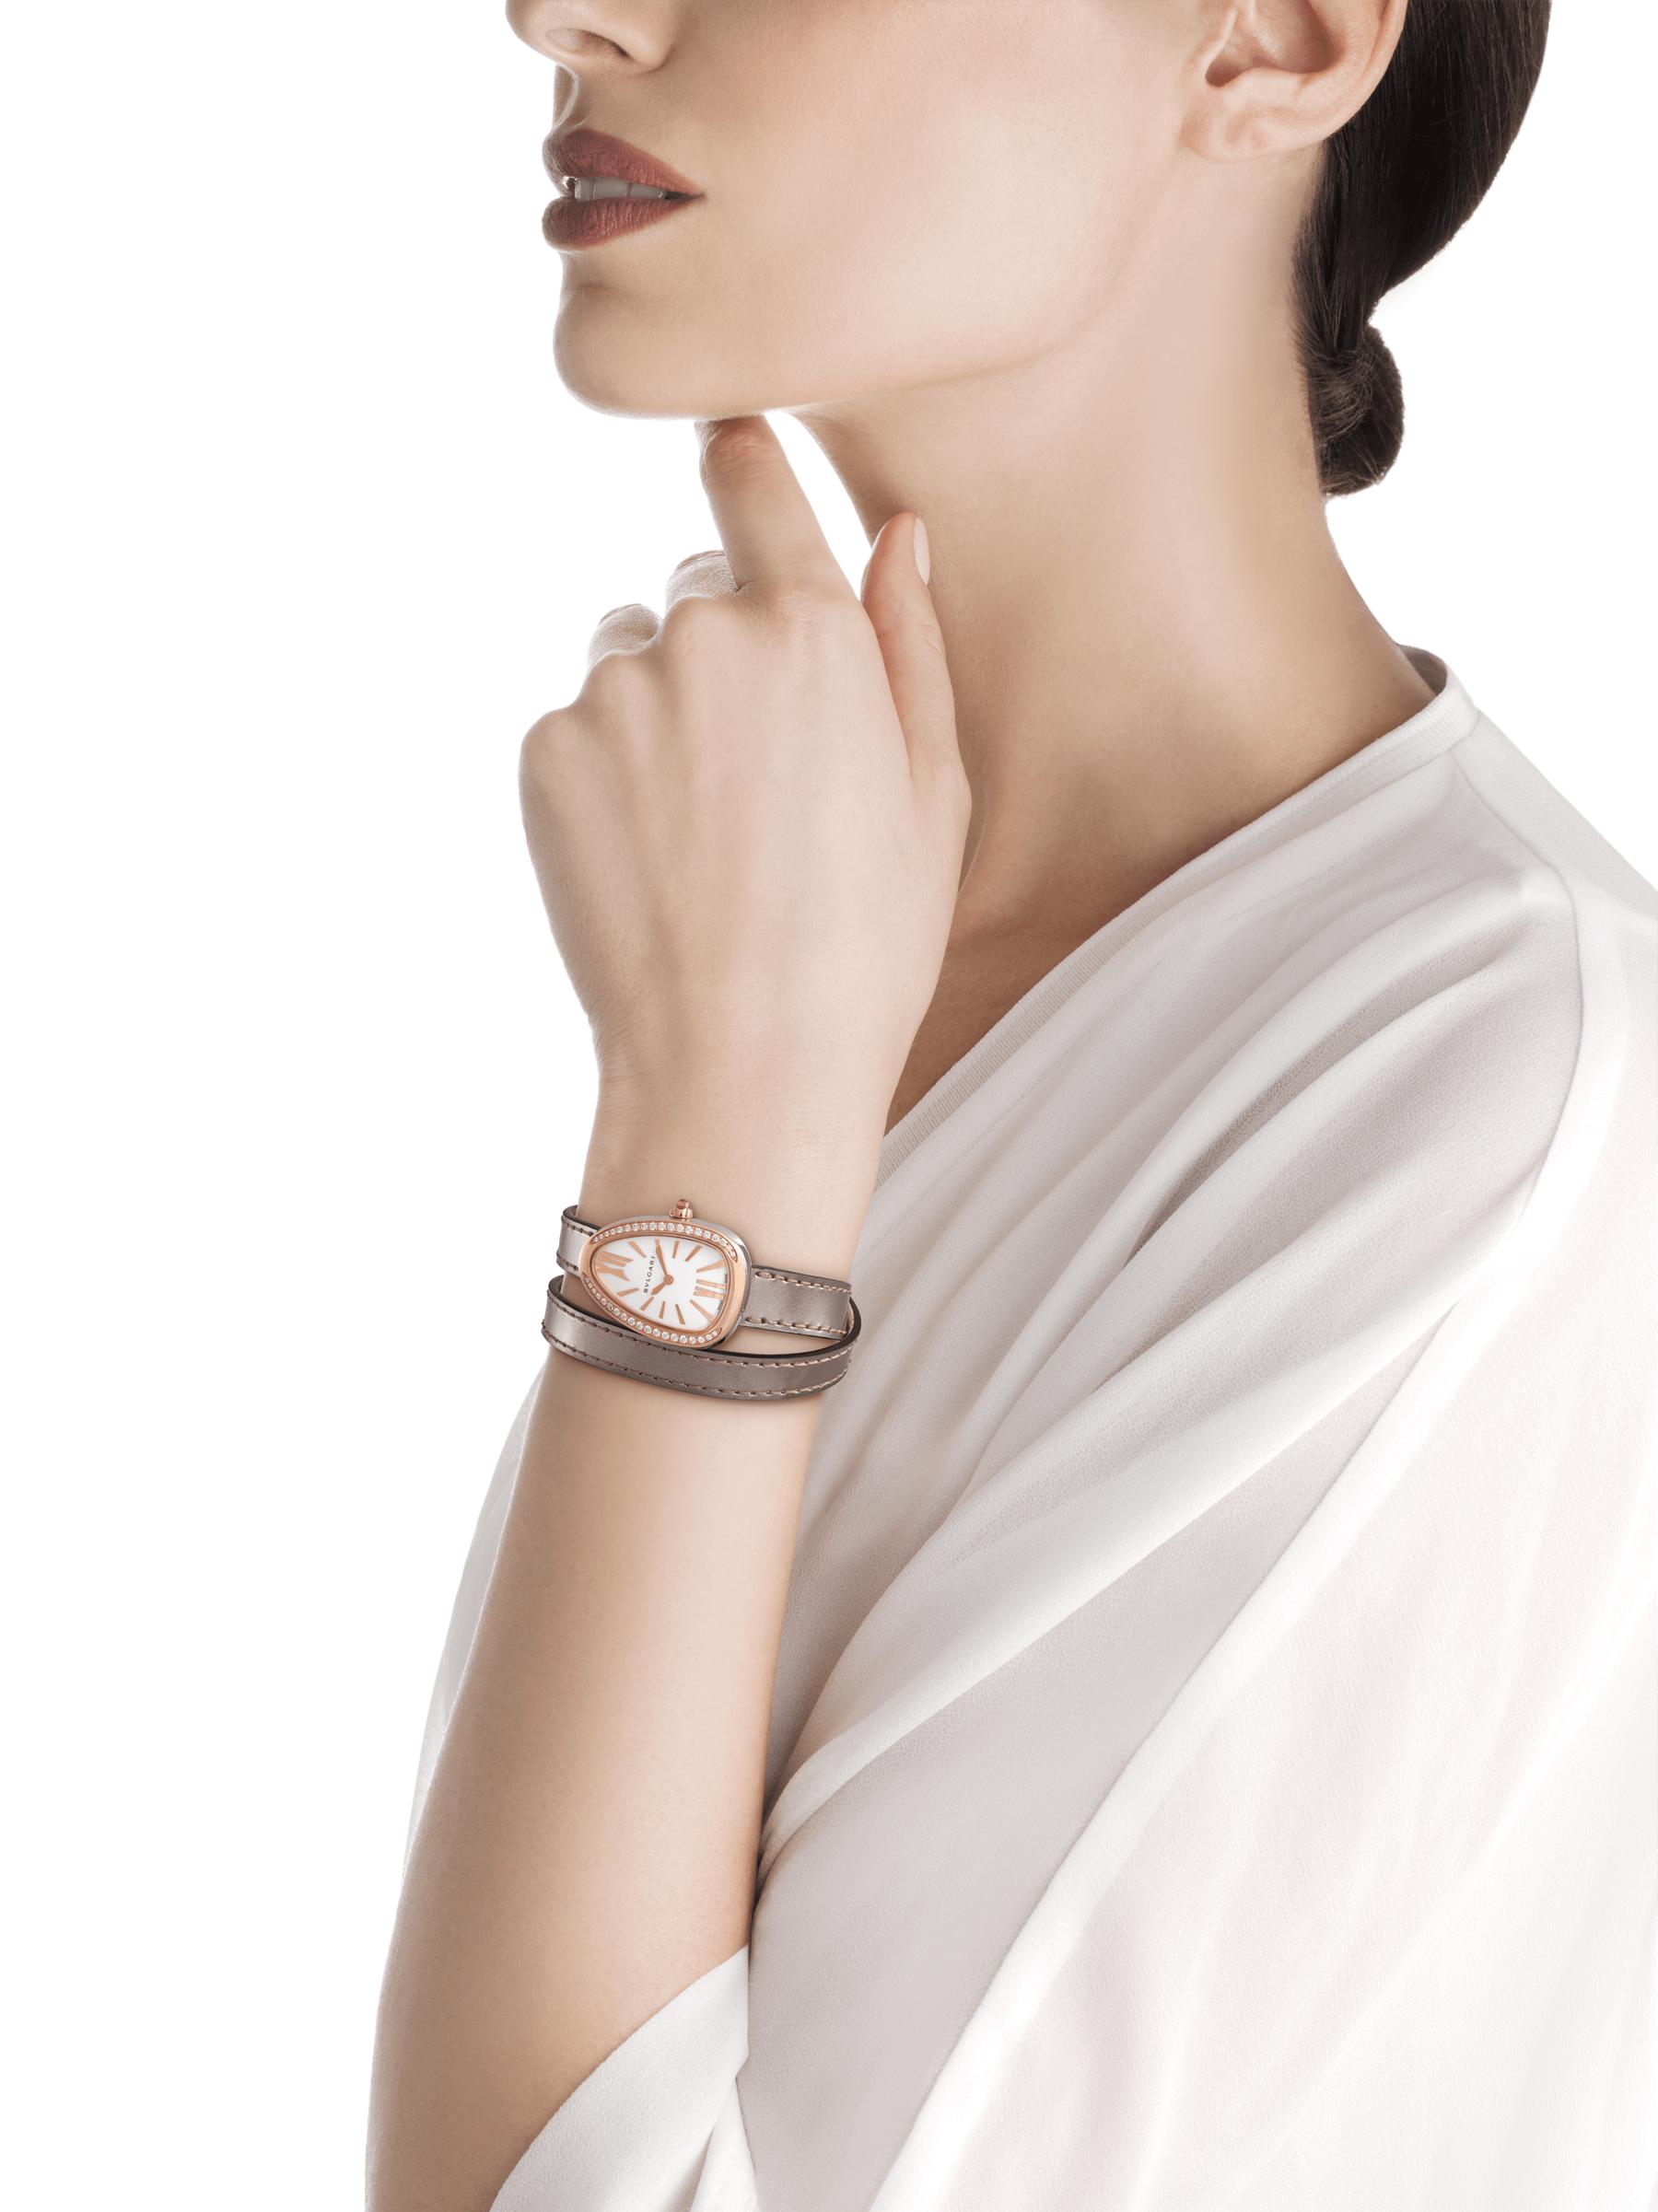 Relógio Serpenti com caixa em aço, bezel em ouro rosa 18K cravejado com diamantes redondos lapidação brilhante, mostrador em madrepérola branca e pulseira de duas voltas intercambiável em couro marrom 103059 image 3